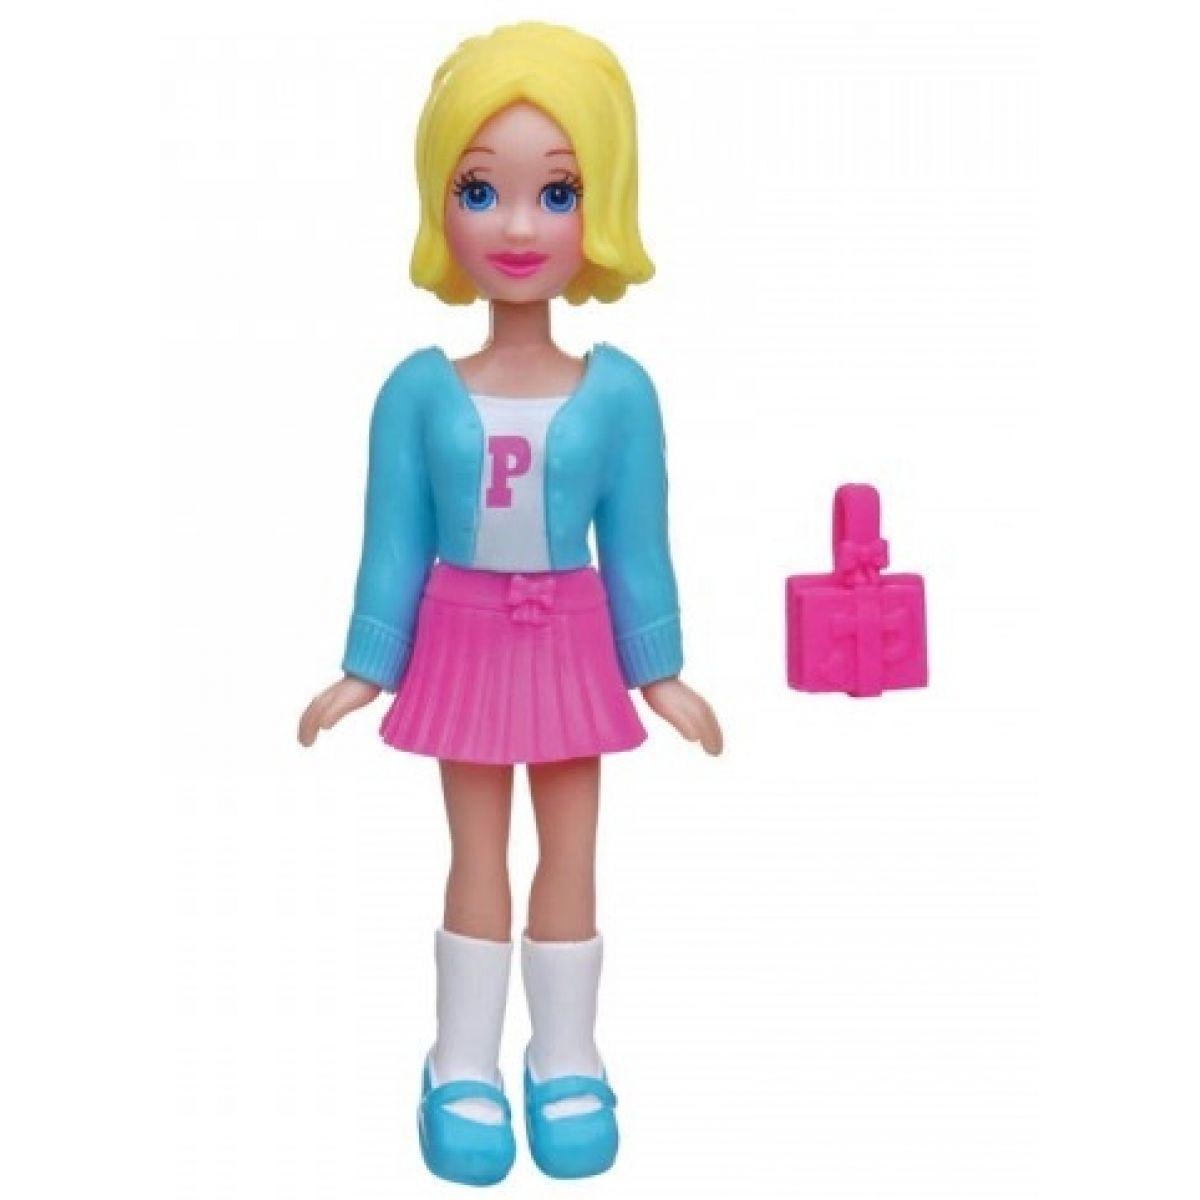 Polly Pocket panenka 1